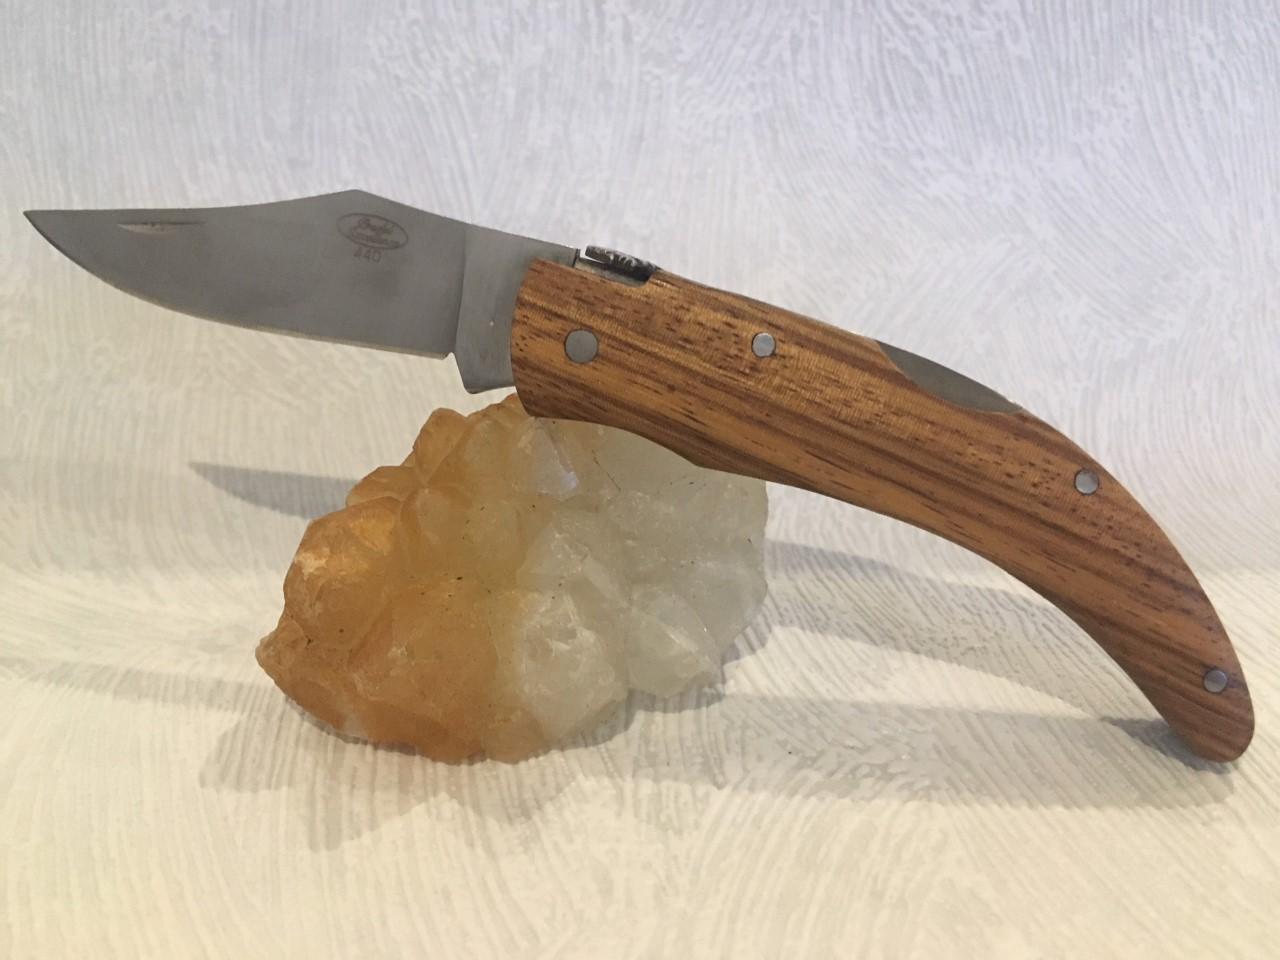 Couteau de poche Berger Corse au prix de 15,90 euros .